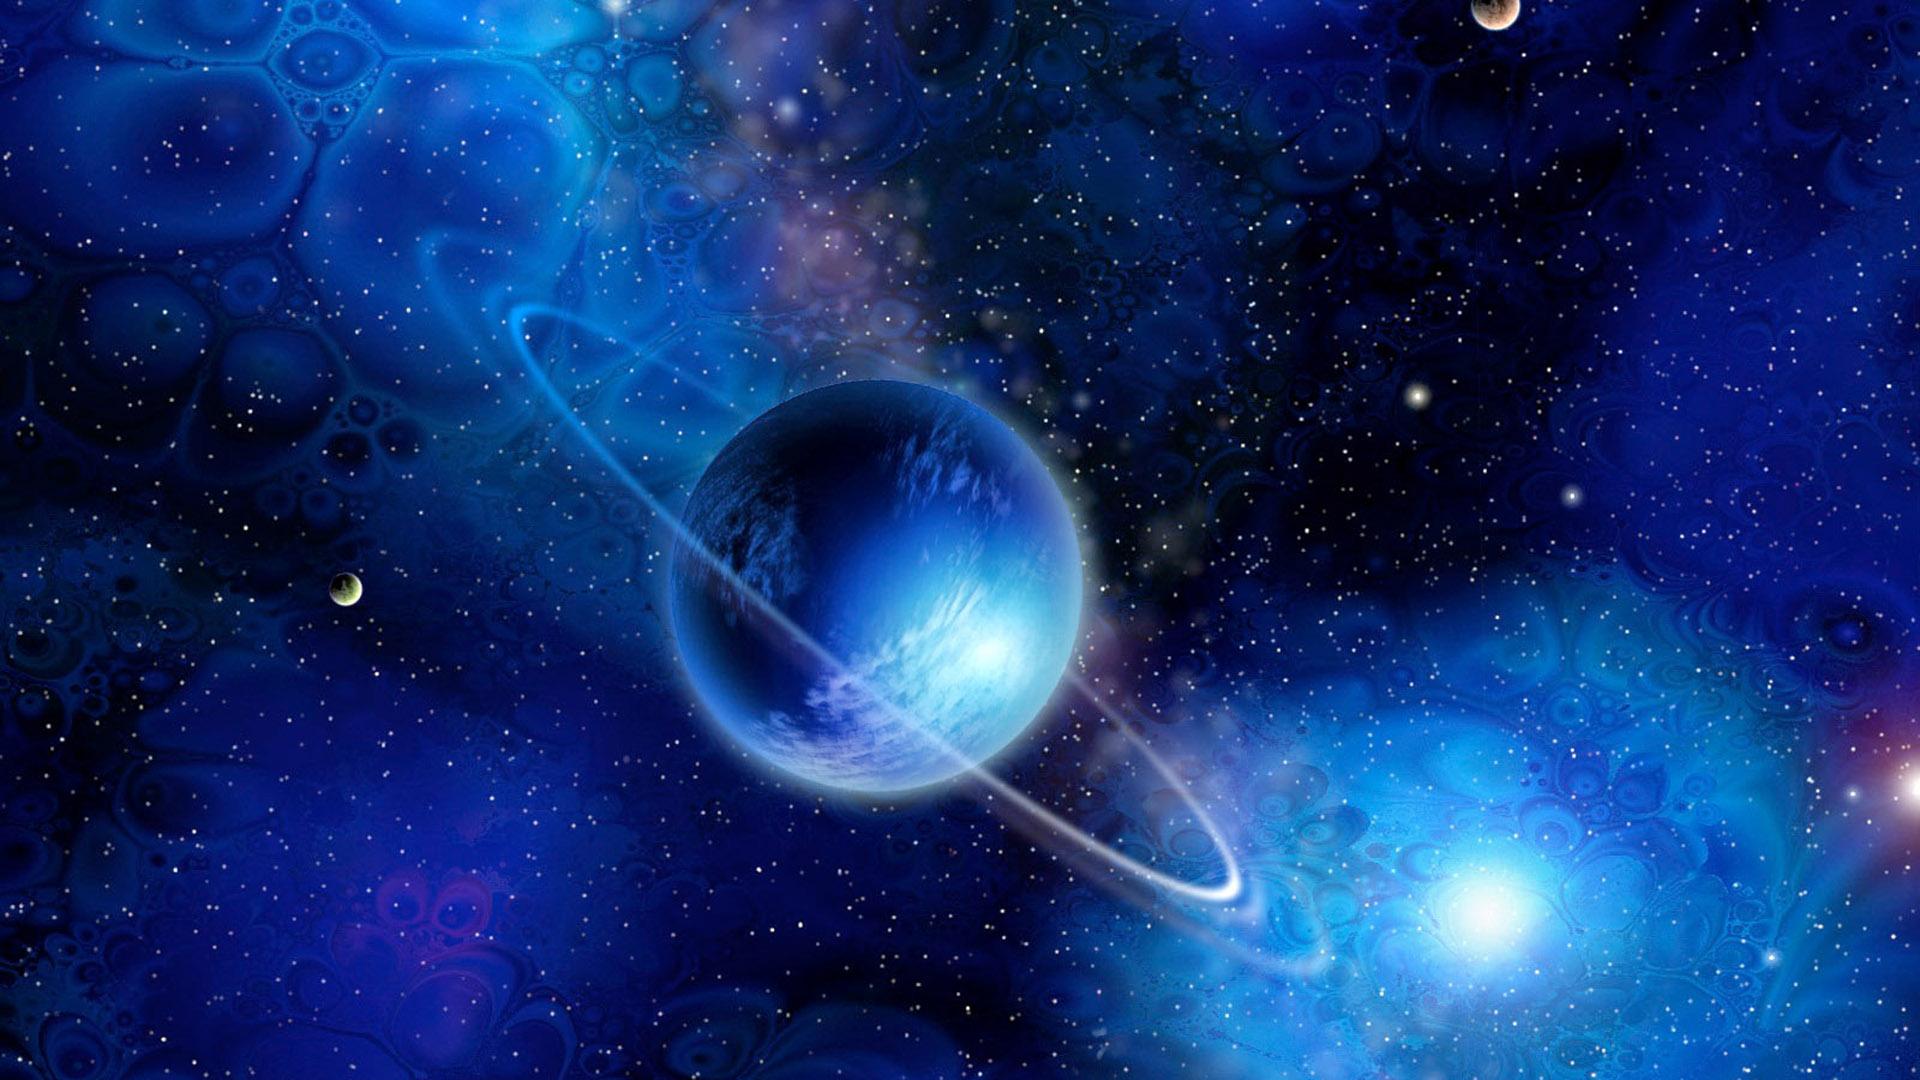 SpaceArtWallpaper1920x1080 022 Nasa Images 1920x1080